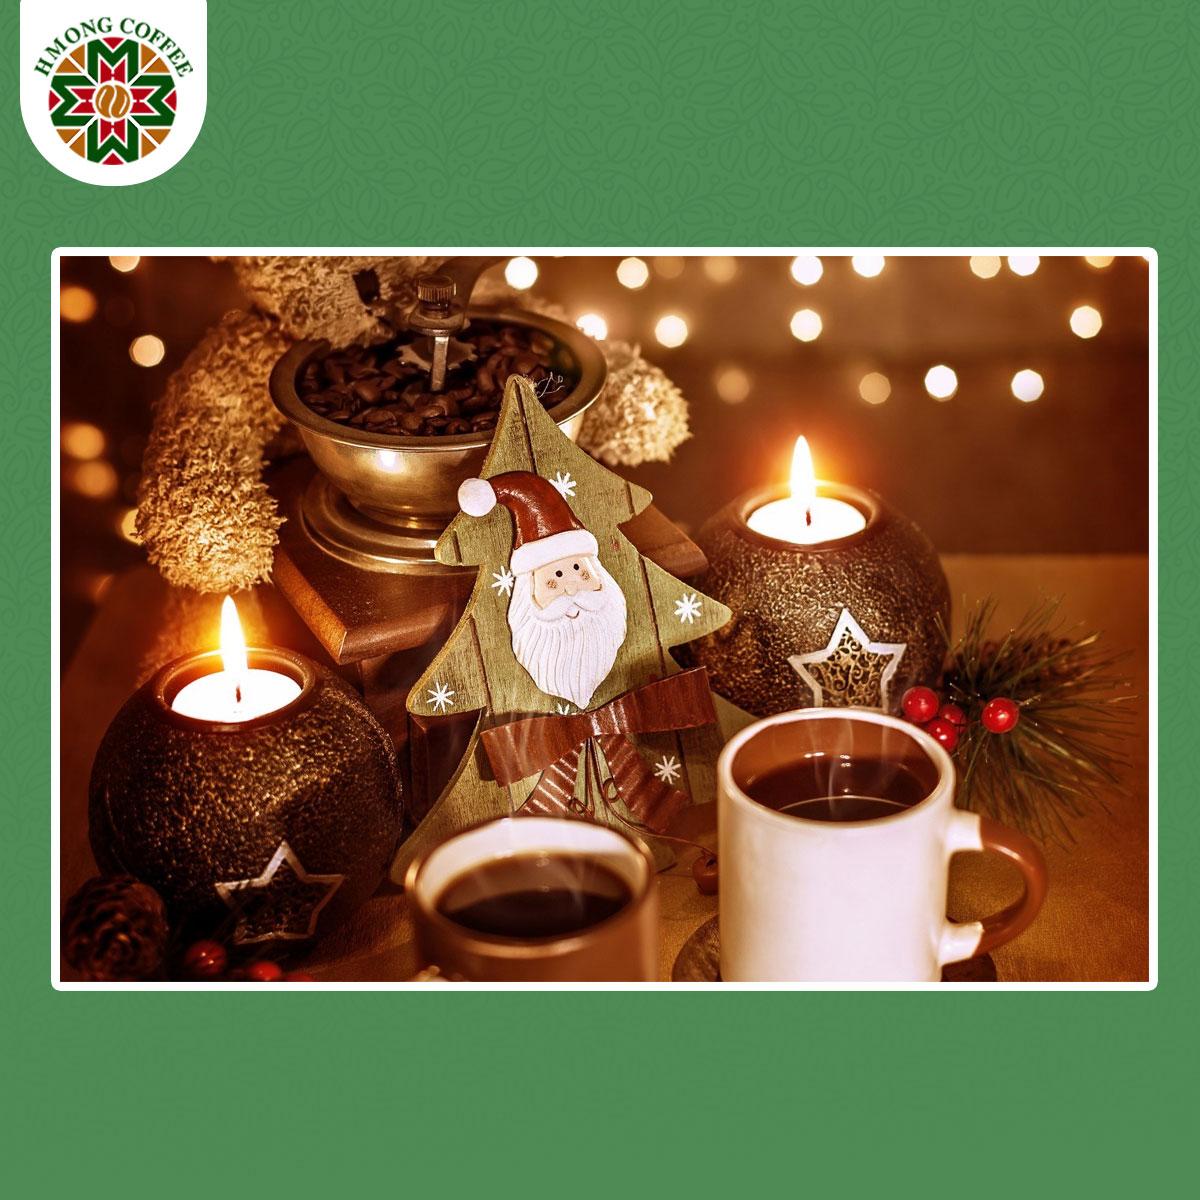 Pha một hương vị cà phê ngon đúng điệu chào đón Giáng Sinh